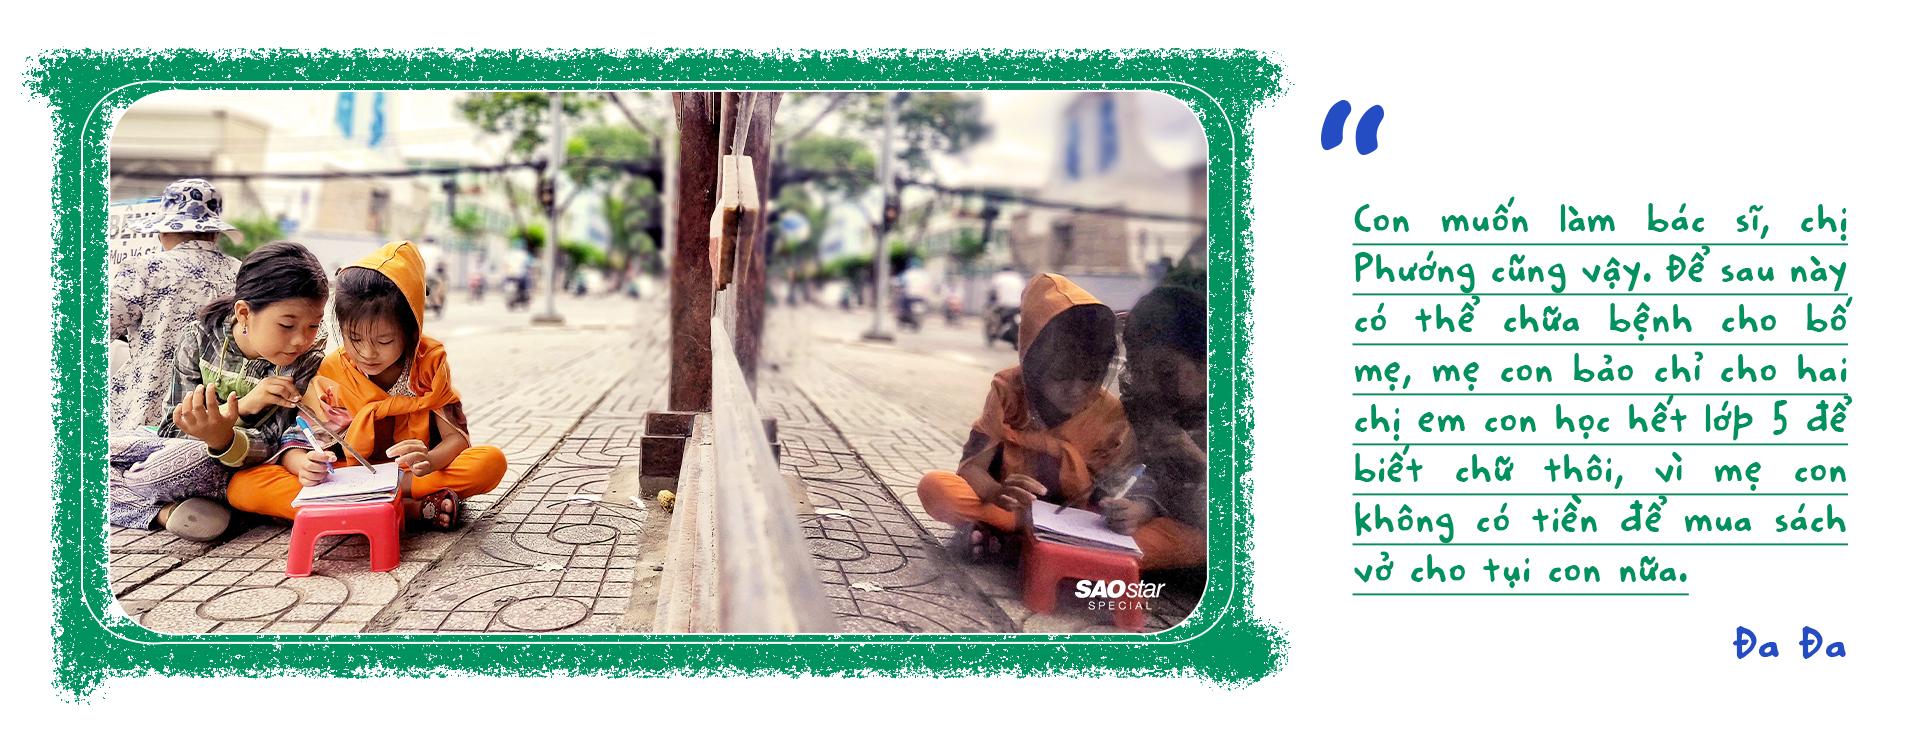 Bài học đầu đời bên vệ đường